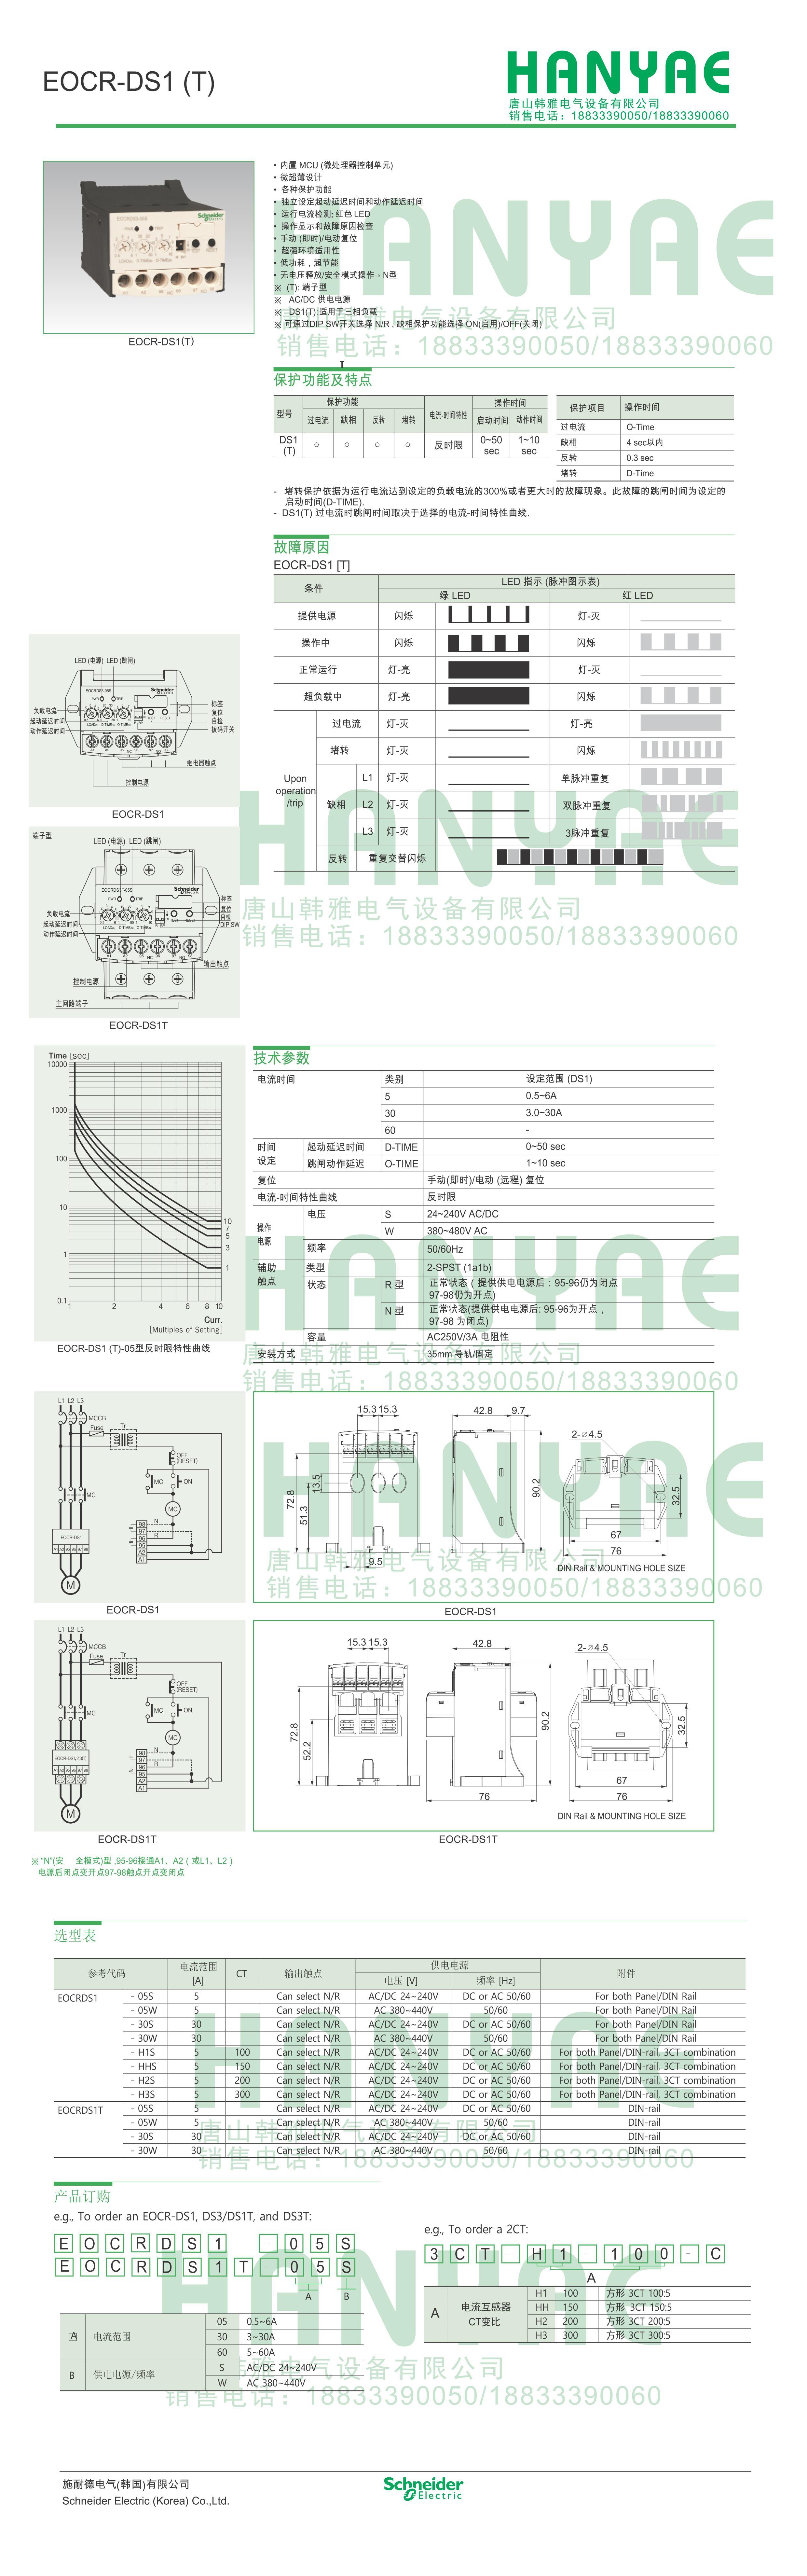 韩国EOCR-DS1电动机保护器 施耐德,韩国三和,韩国SAMWHA,电子式继电器,EOCR-DS1